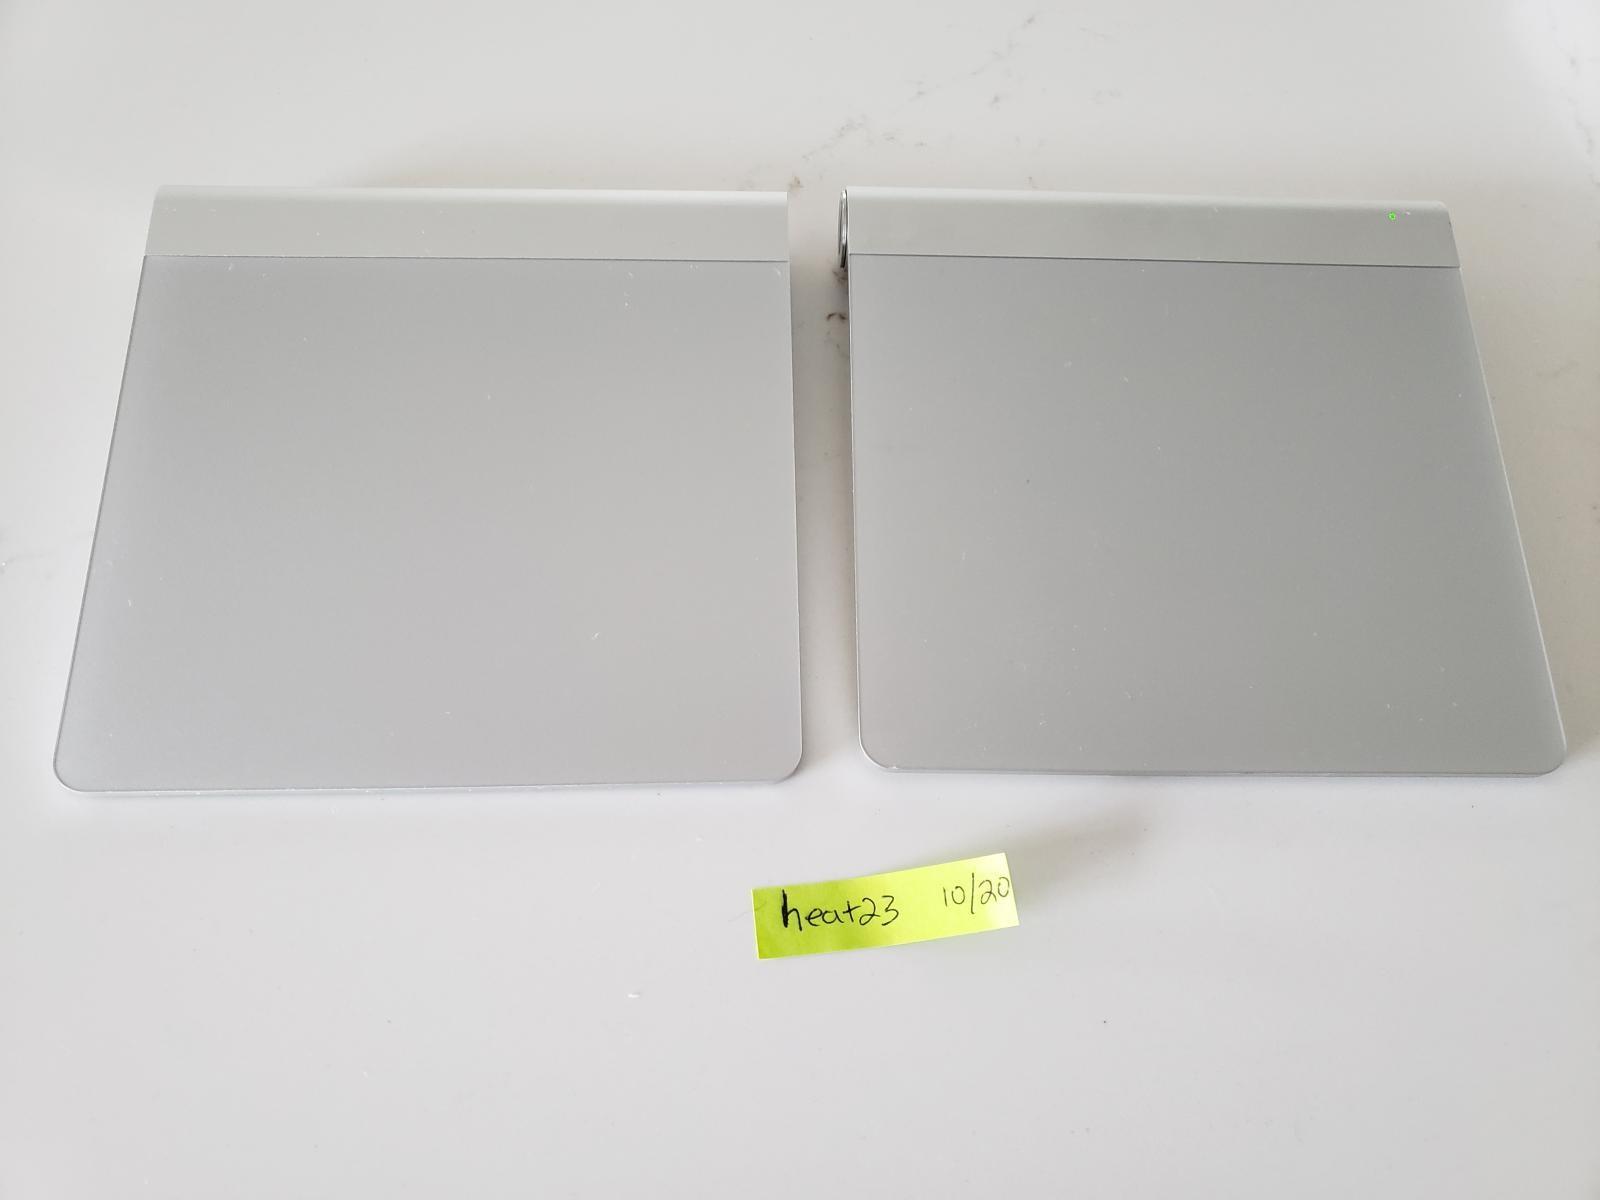 Photo of Apple Magic Trackpad (Qty 2)